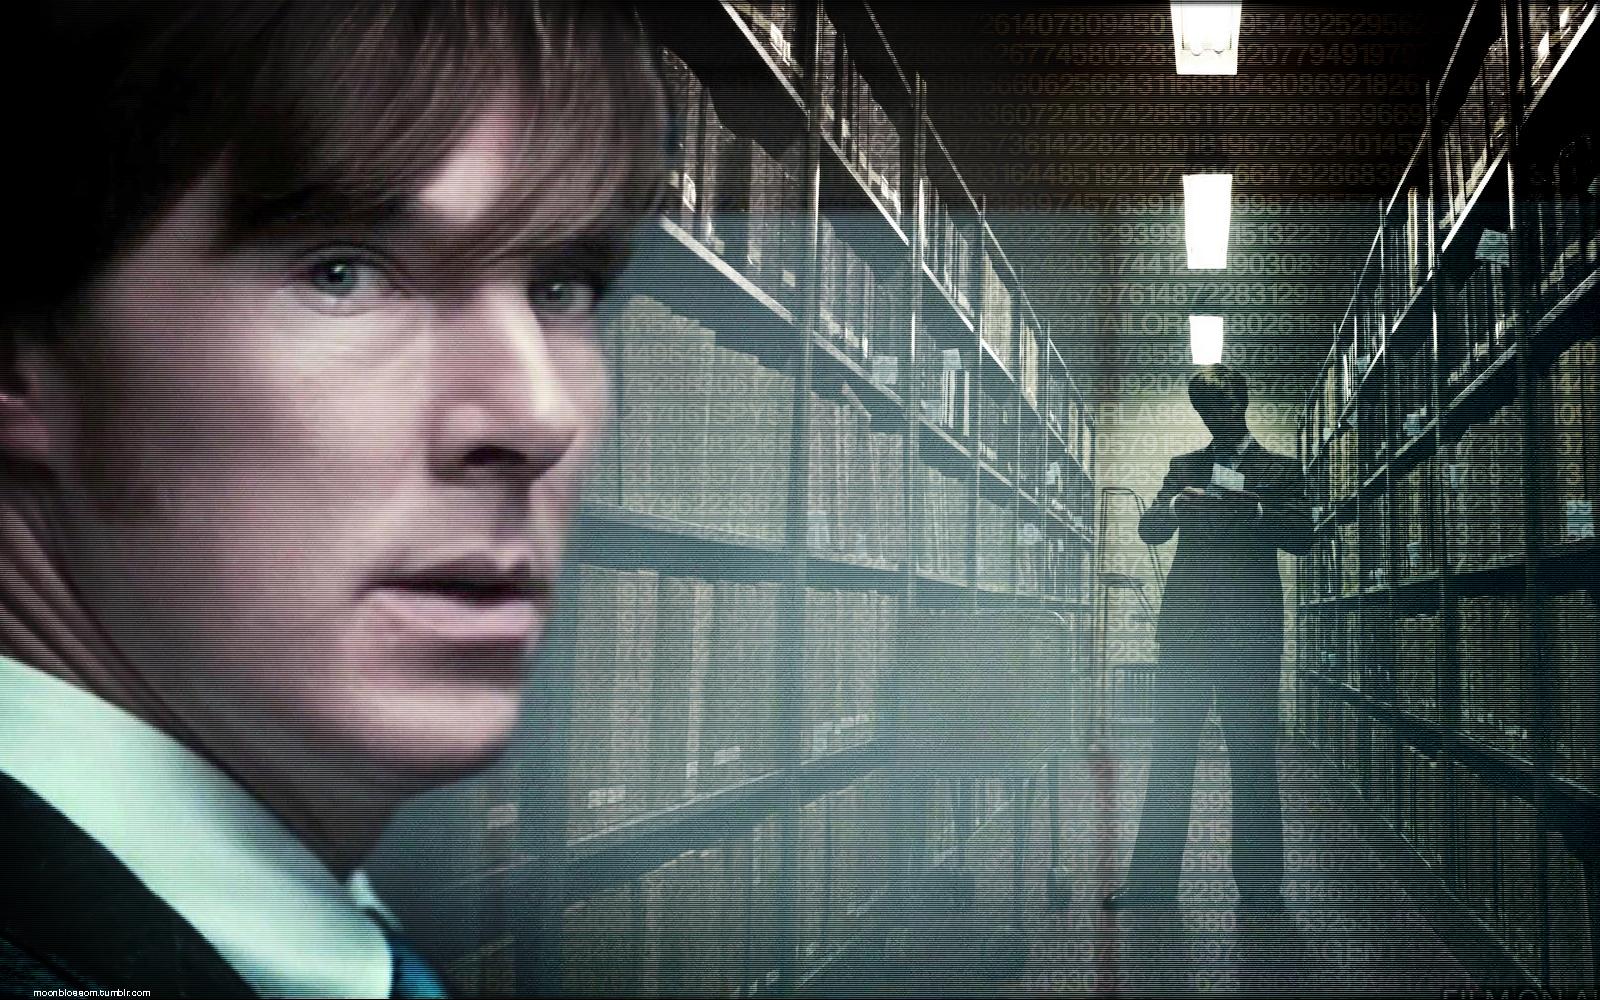 Imagenes de Nuestro Sherlock - Página 2 Guillam